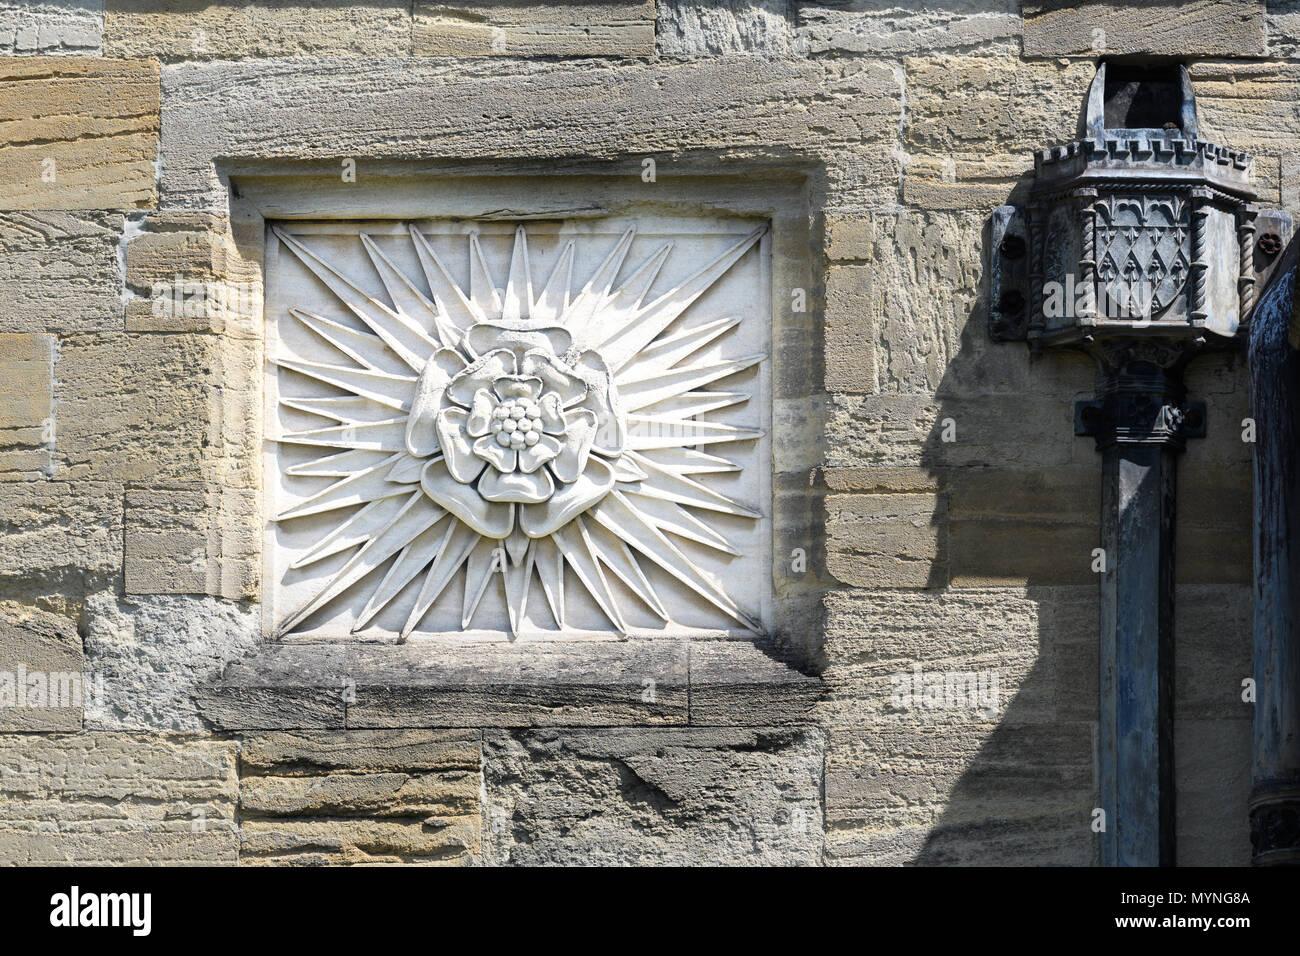 Stone Carving (von a Tudor Rose) auf einer Außenwand am Magdalen College der Universität Oxford, England. Stockbild